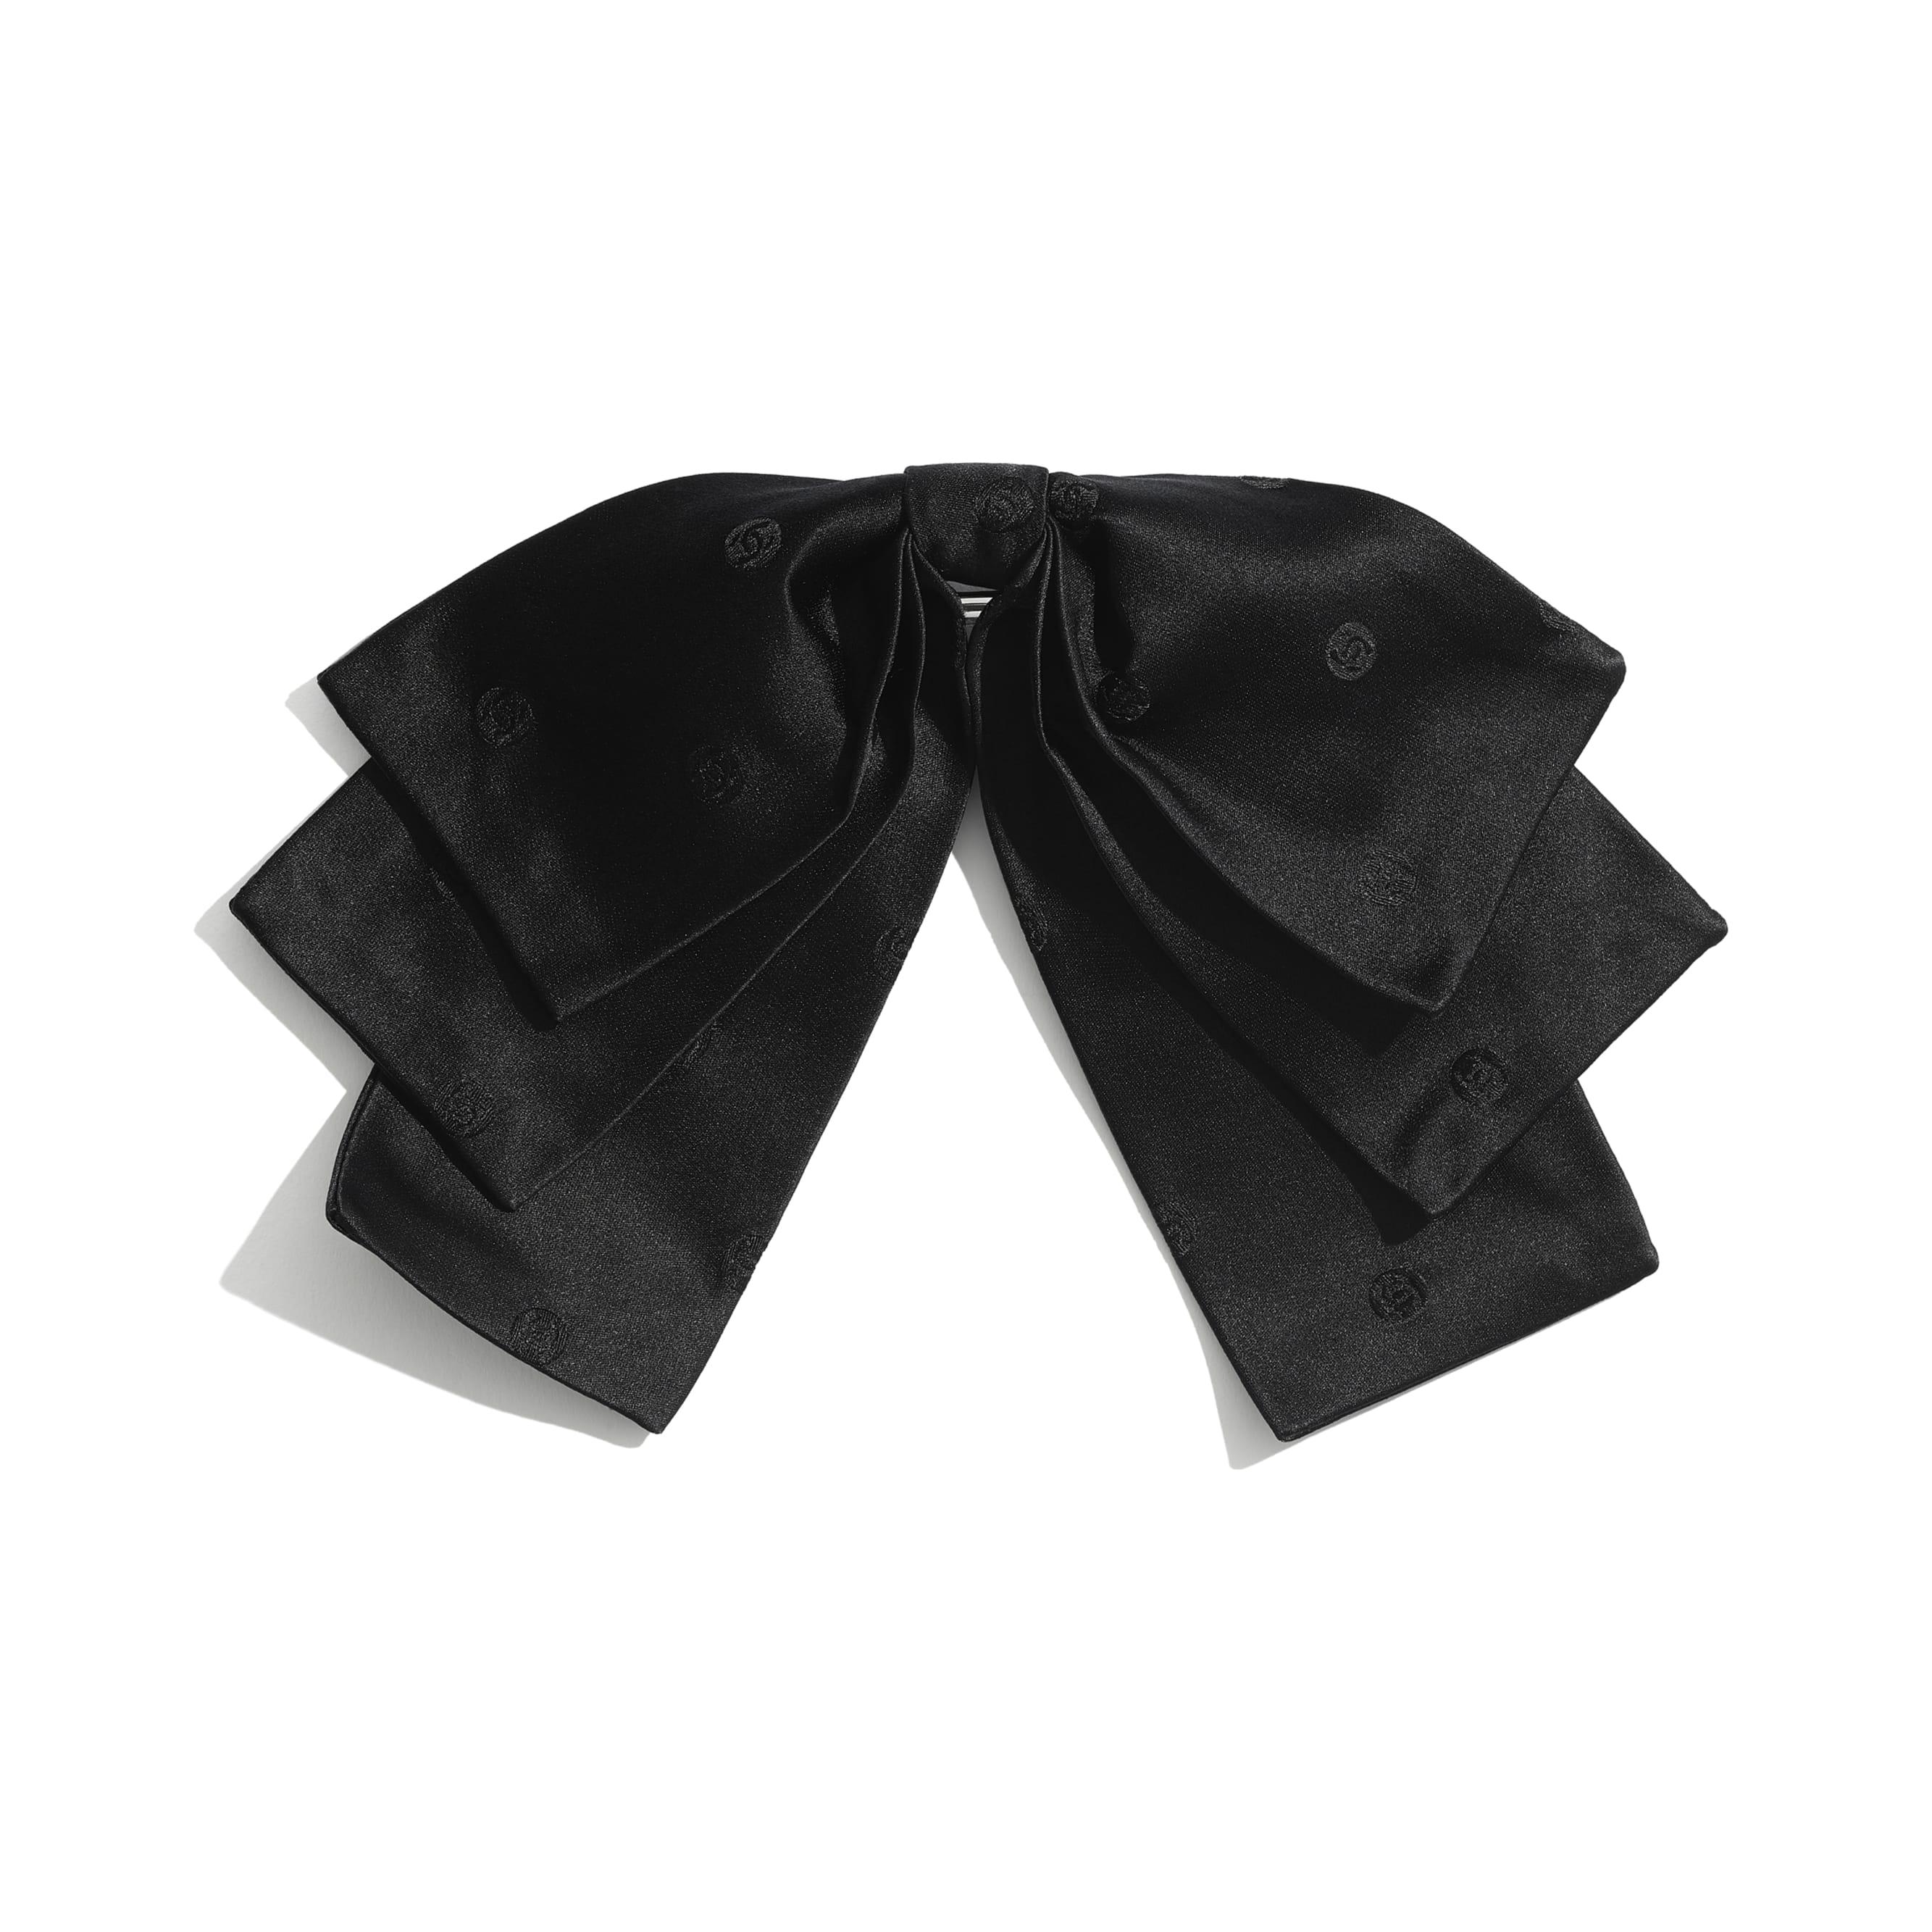 Klamra do włosów - Kolor czarny - Jedwab - CHANEL - Widok domyślny – zobacz w standardowym rozmiarze